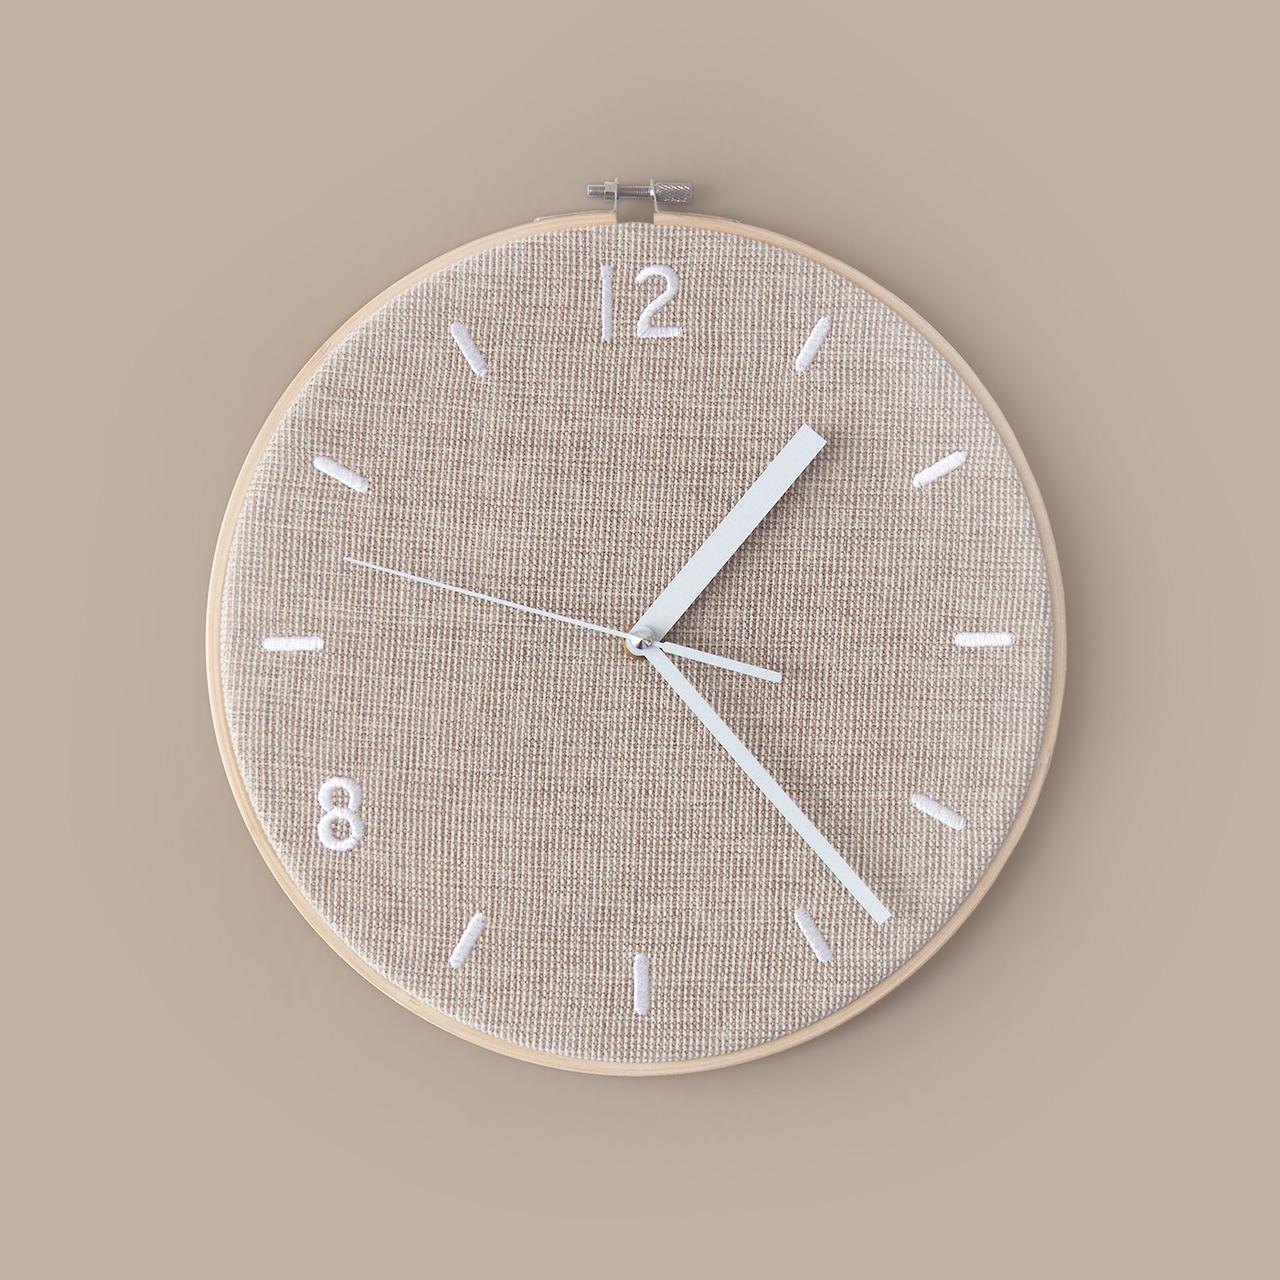 161998072146 – cho hyung suk fabric clock for munito